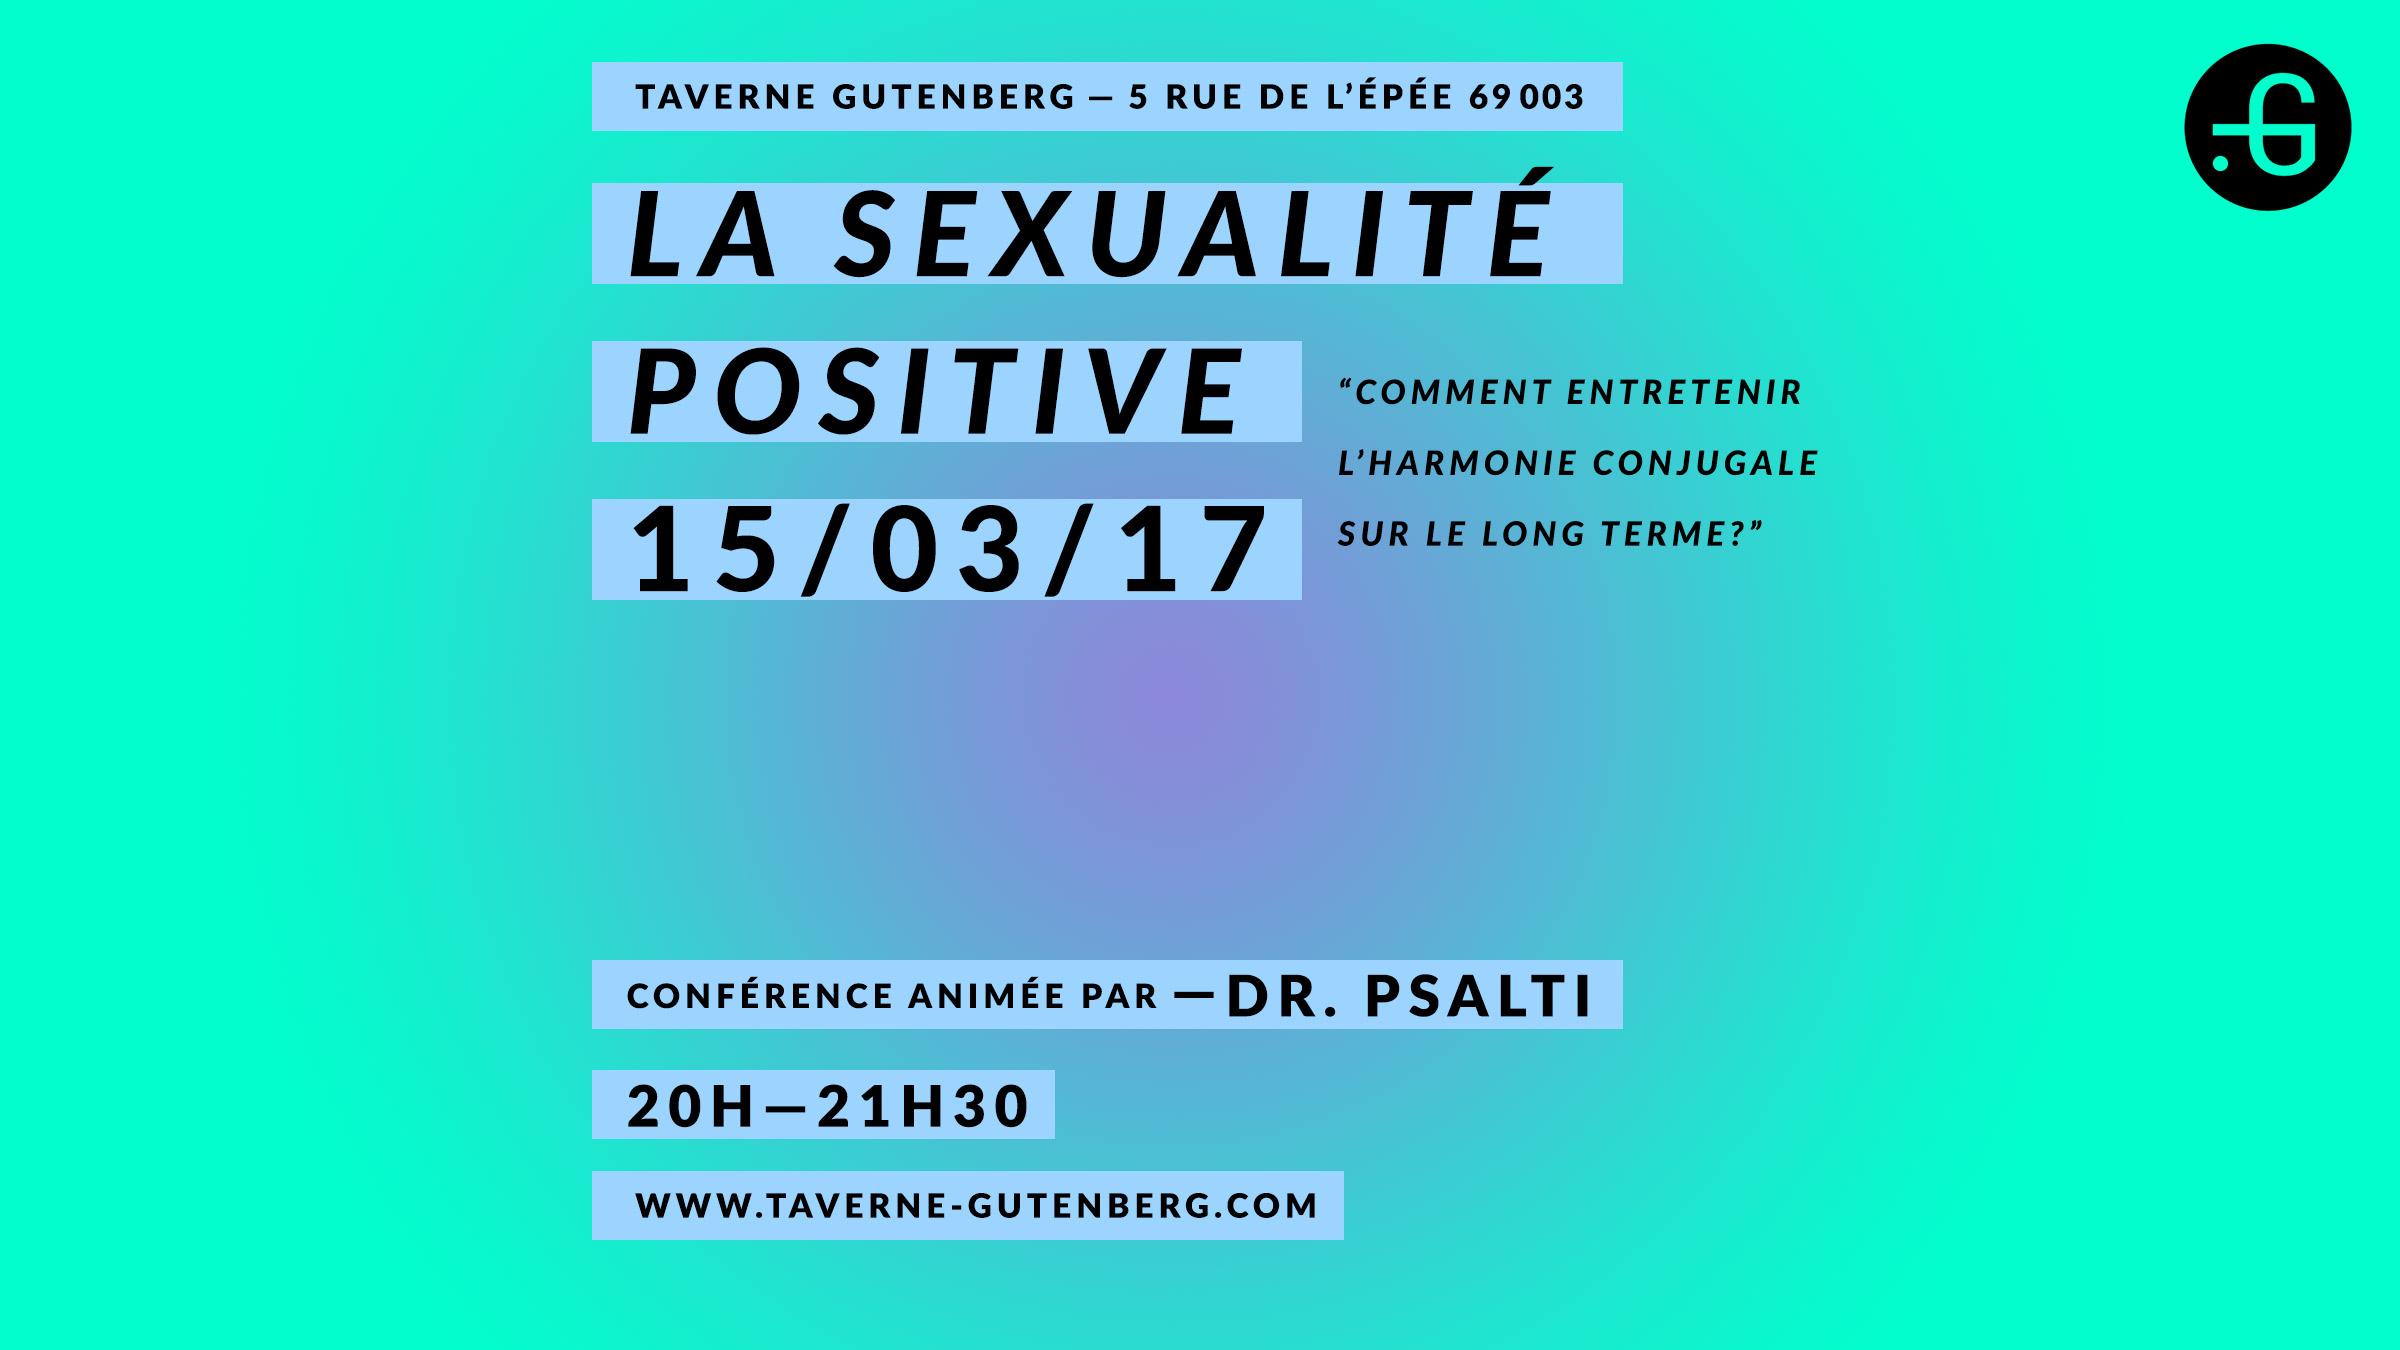 """Affiche de la conférence """"La sexualité positive"""" animée par Dr. Psalti, Taverne Gutenberg, 15/03/2017"""